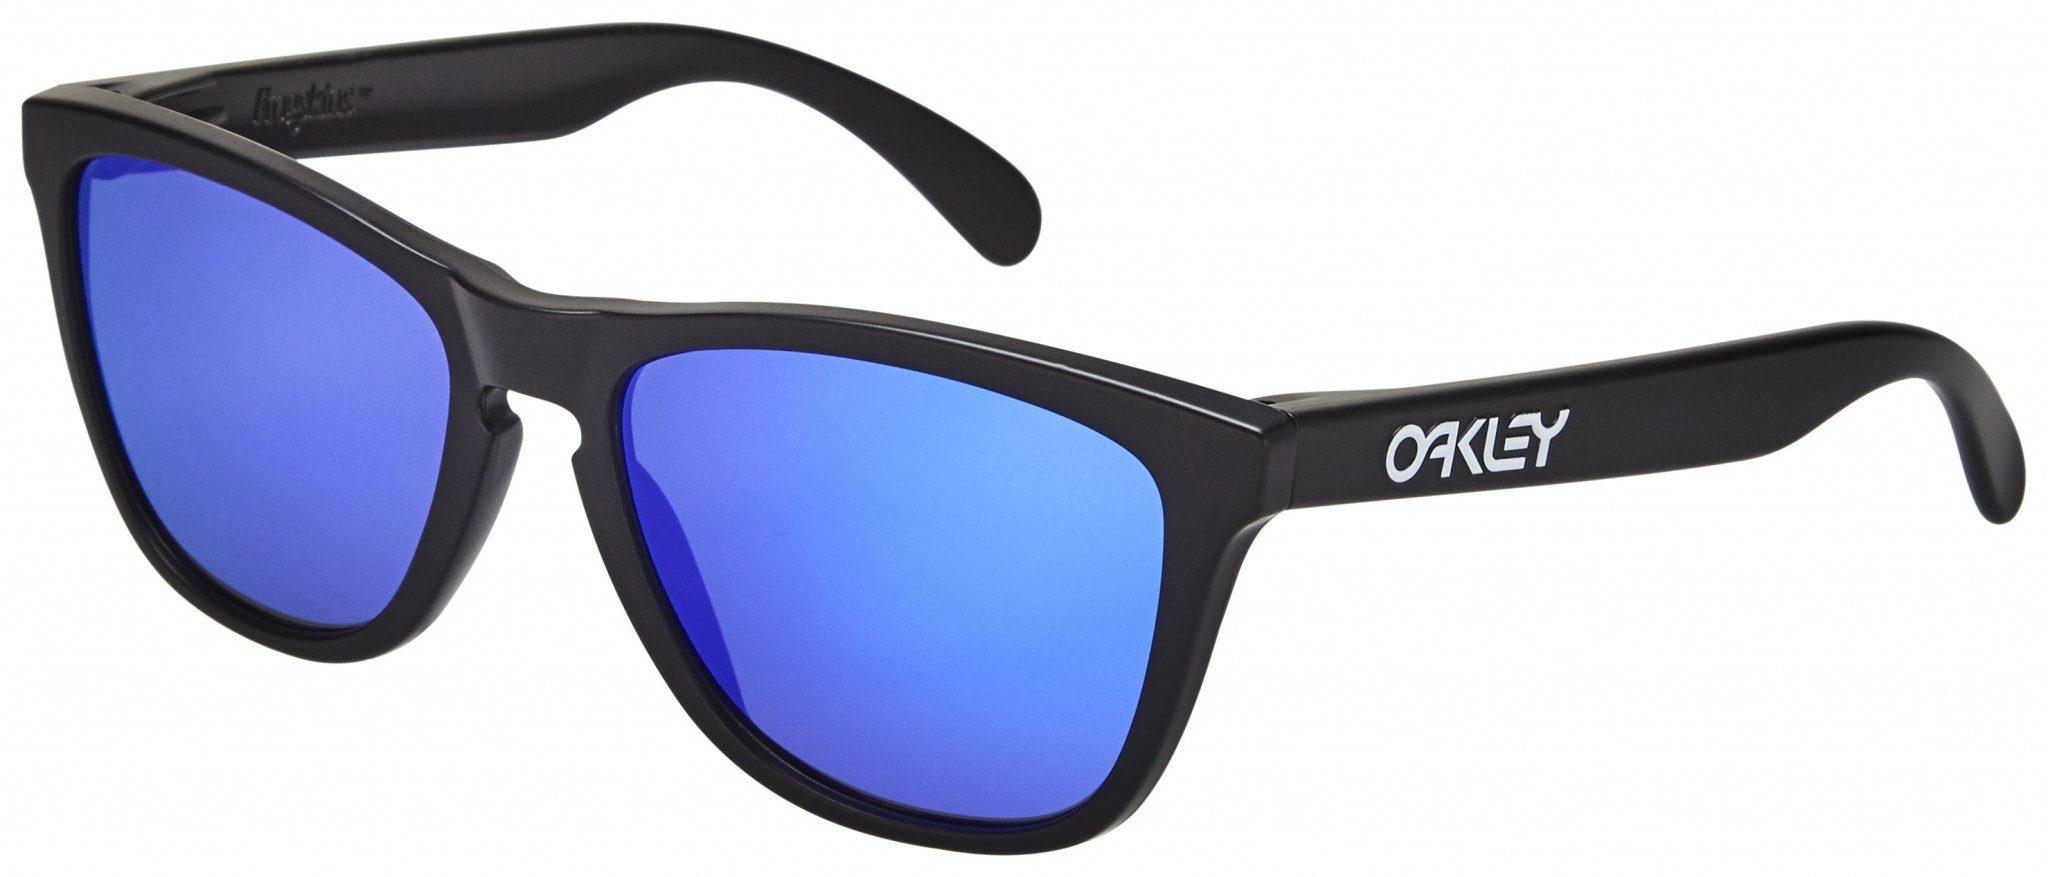 Oakley Sportbrille »Frogskins«